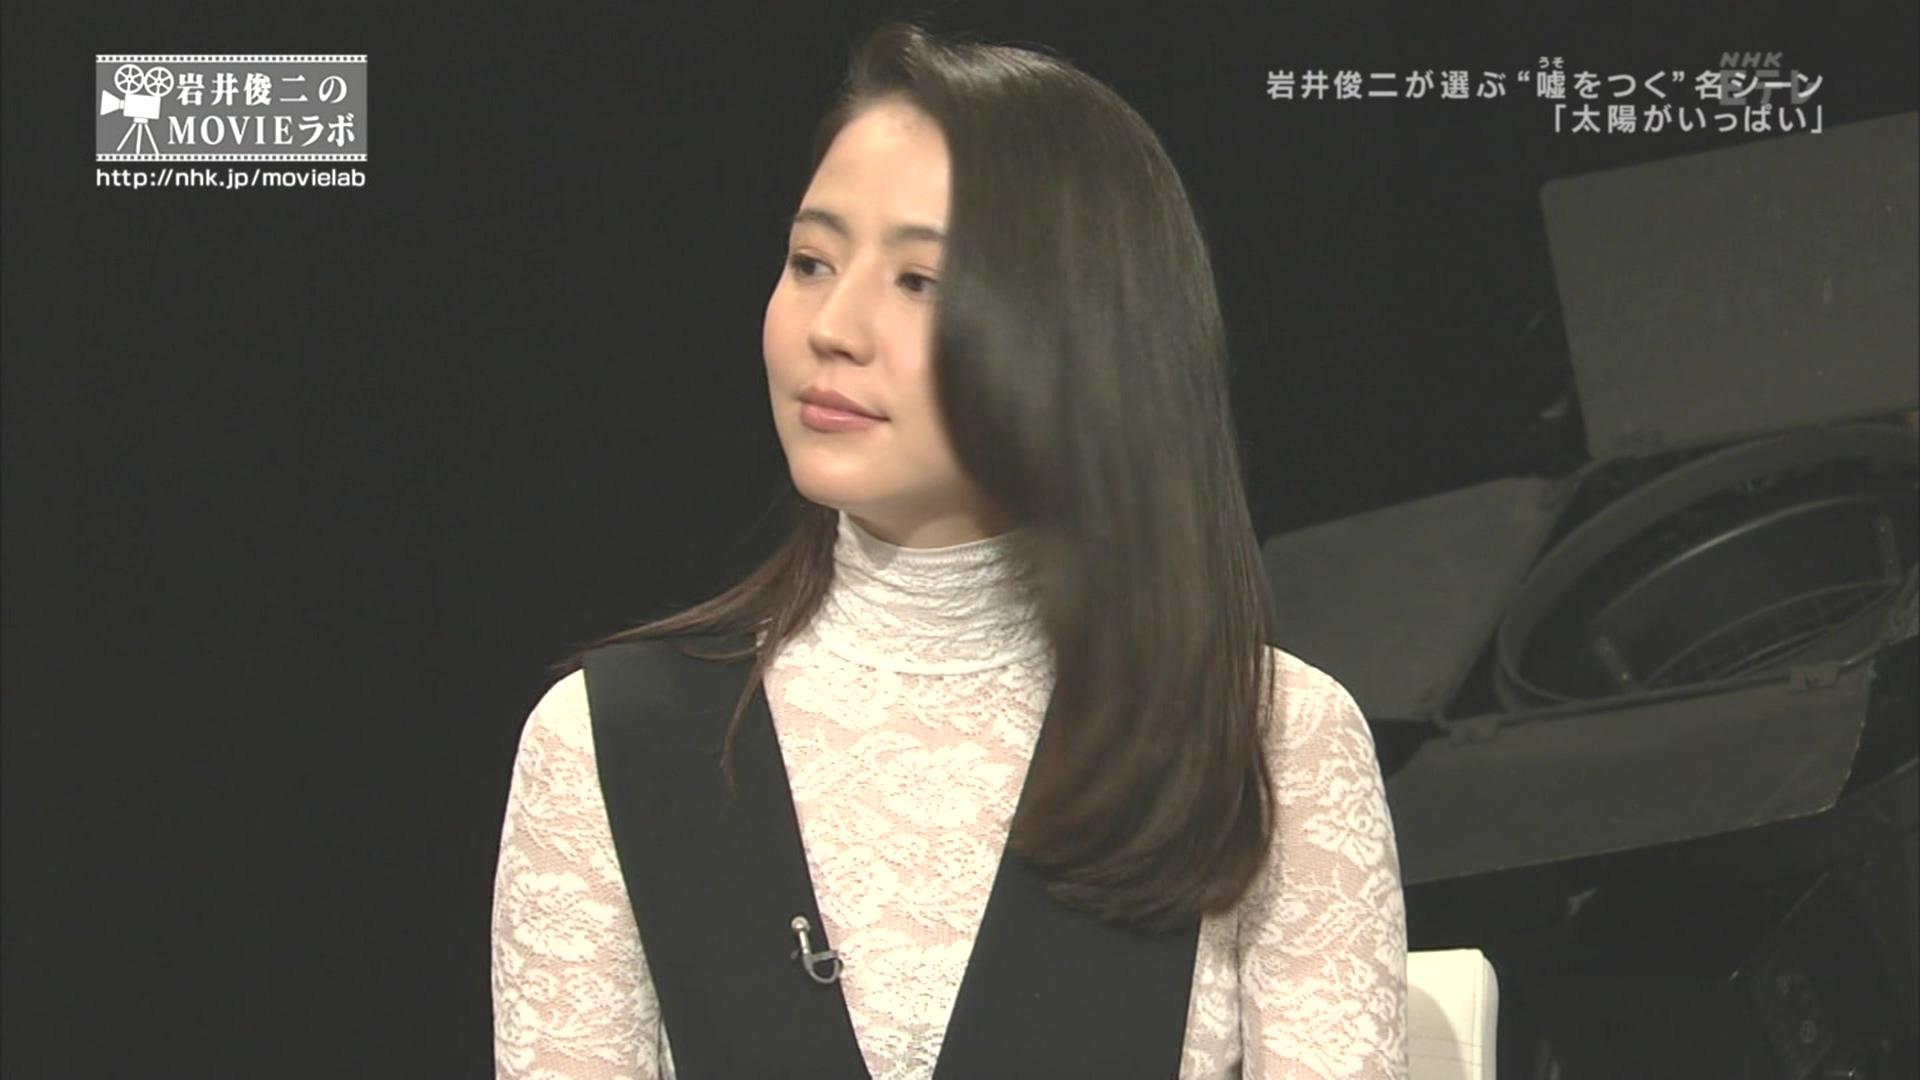 nagasawamovie407